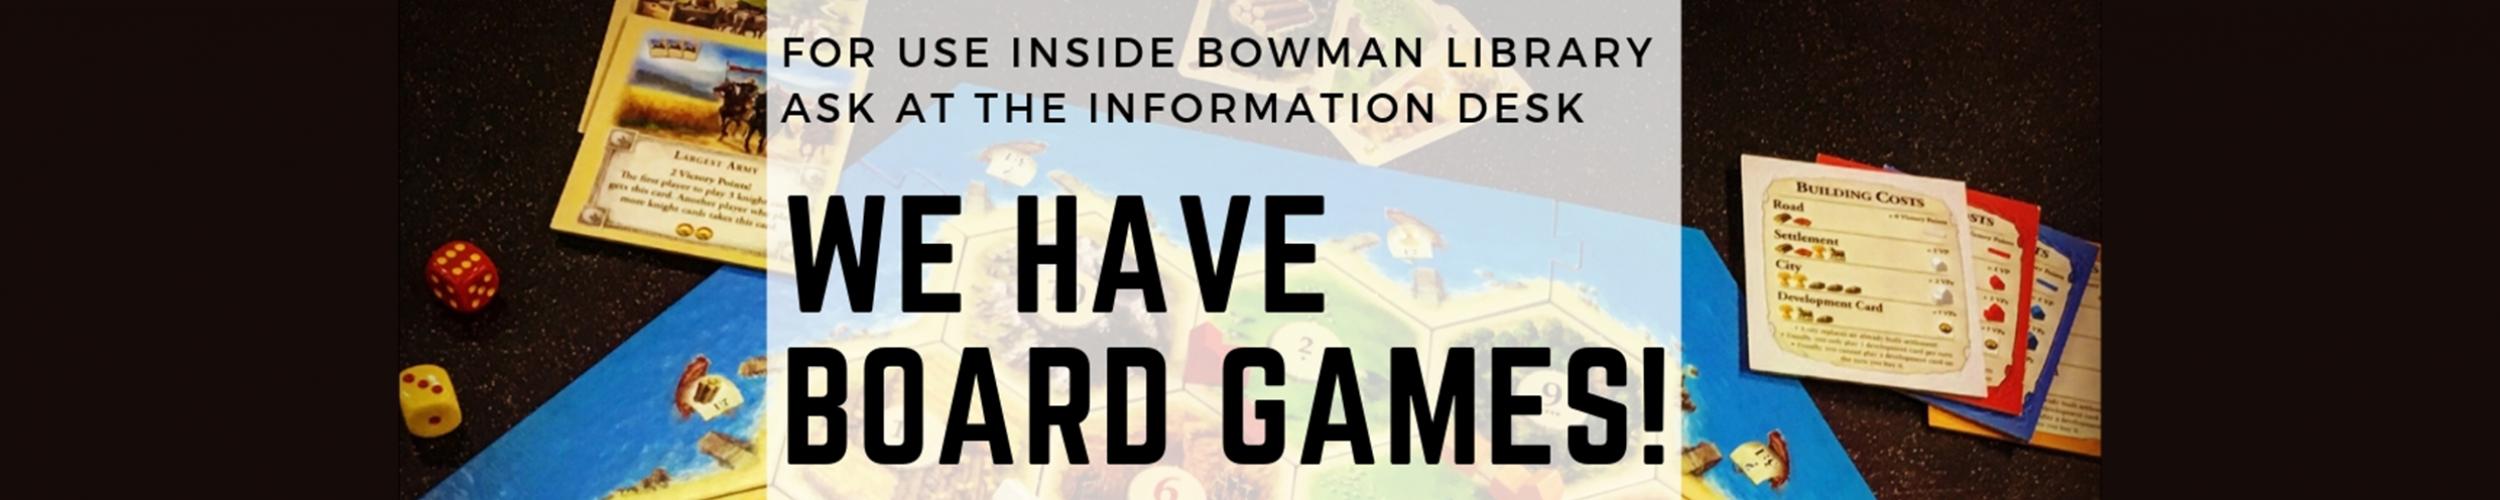 Board Games slide